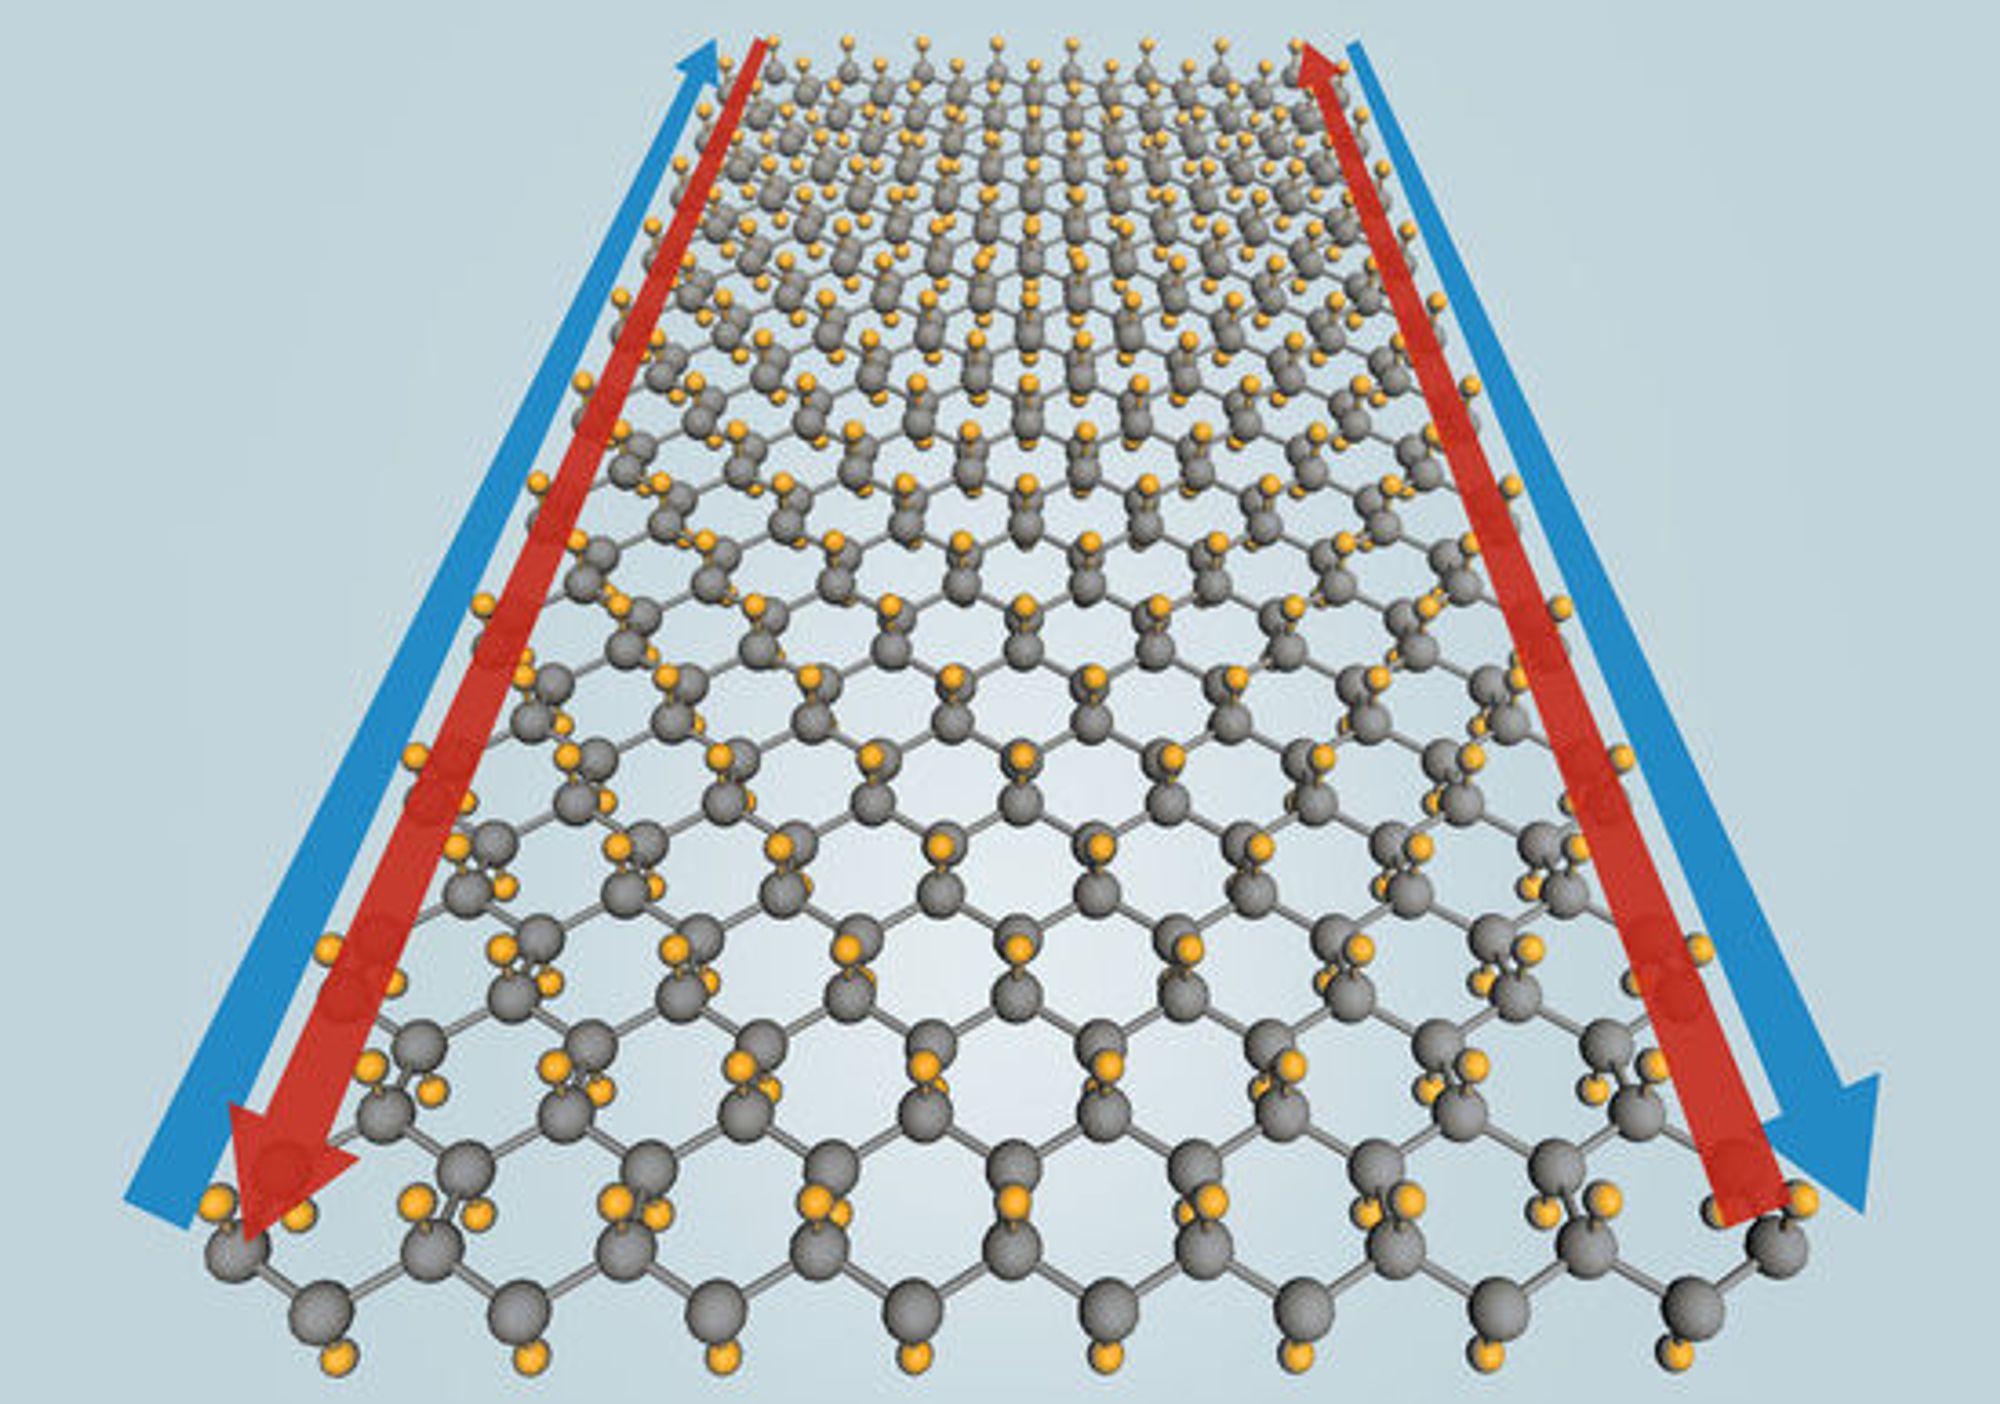 Ved å inkludere fluoratomer (gule) i et enkelt lag med tinnatomer (grå), tror forskerne at man kan fremstille et materiale som leder elektrisitet uten motstand langs kantene (blå og røde piler) ved temperaturer på opptil 100 grader Celsius.